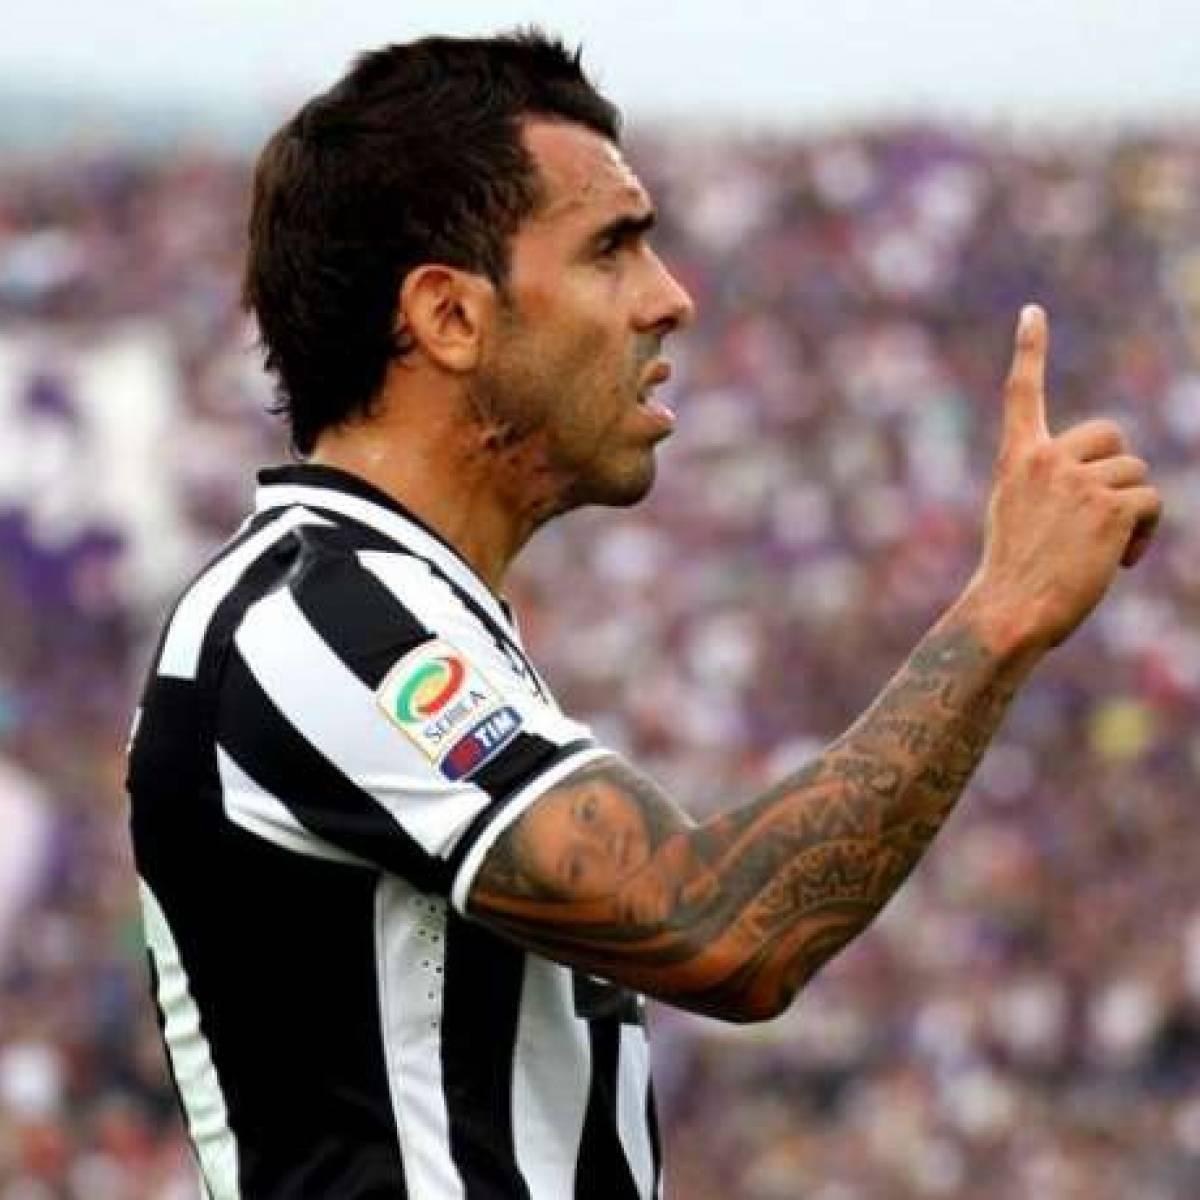 Les nouveaux maillots de la Juventus entrent en scène !